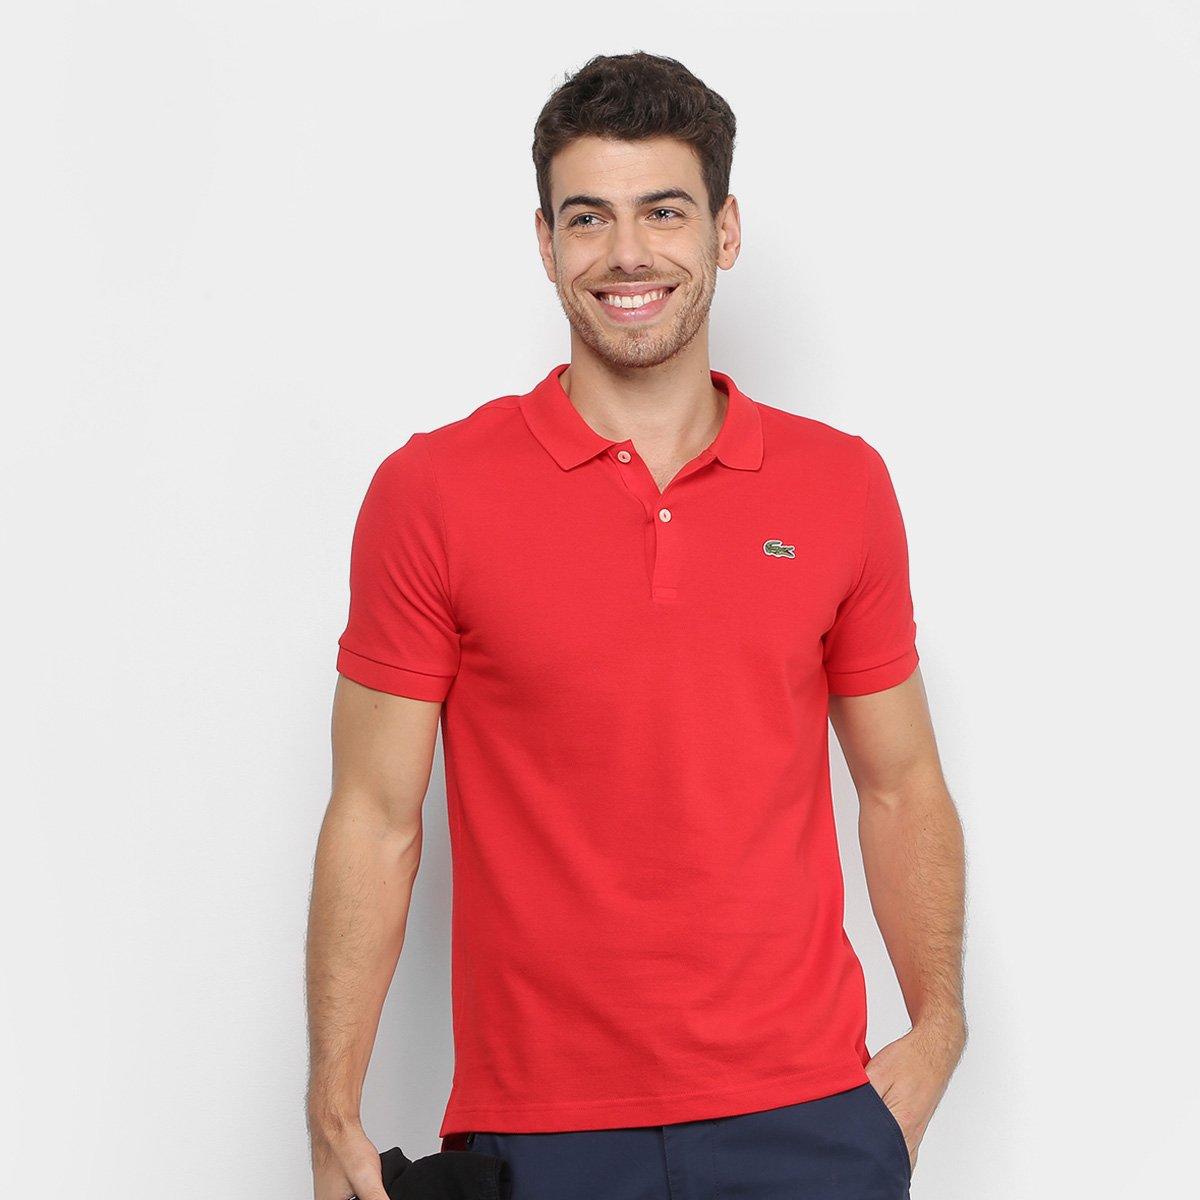 21125f7e76da7 Camisa Polo Lacoste Live Piquet Masculina - Vermelho - Compre Agora ...